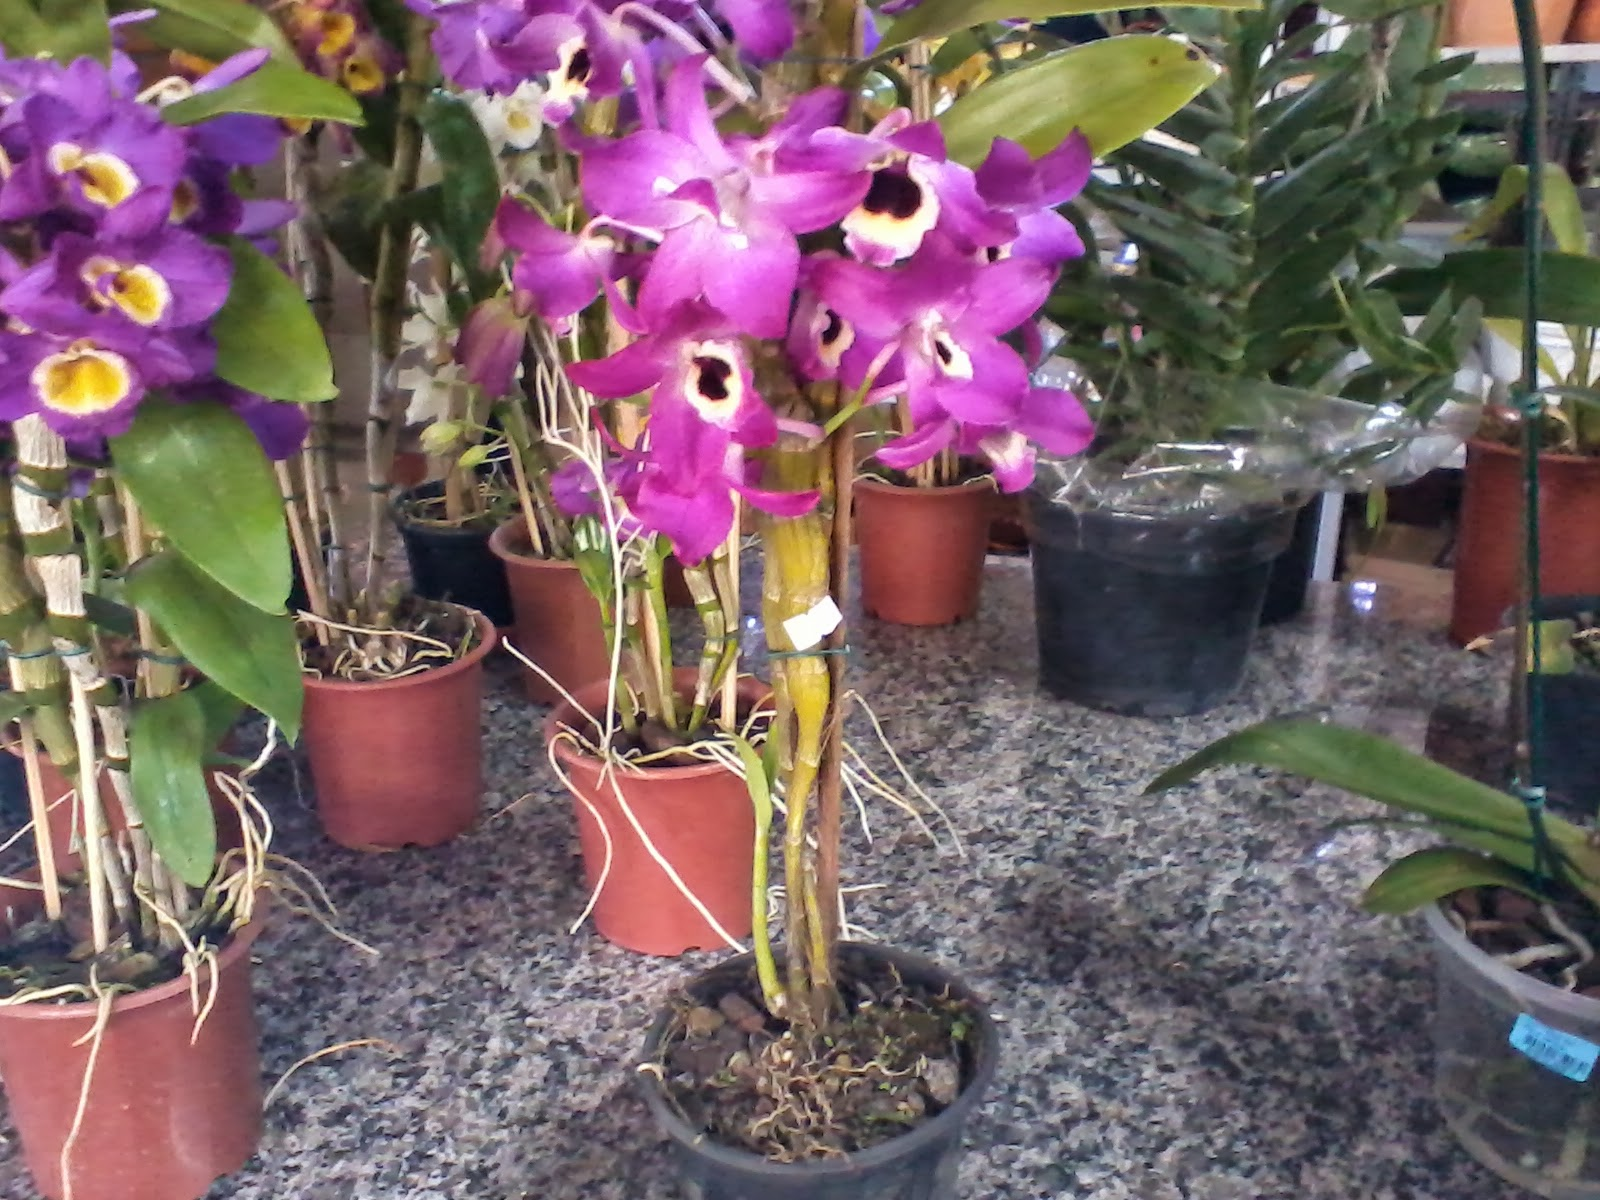 #9B3097 Mania de Verde: Orquídea olho de boneca 1600x1200 px caixas de madeira para orquideas @ bernauer.info Móveis Antigos Novos E Usados Online